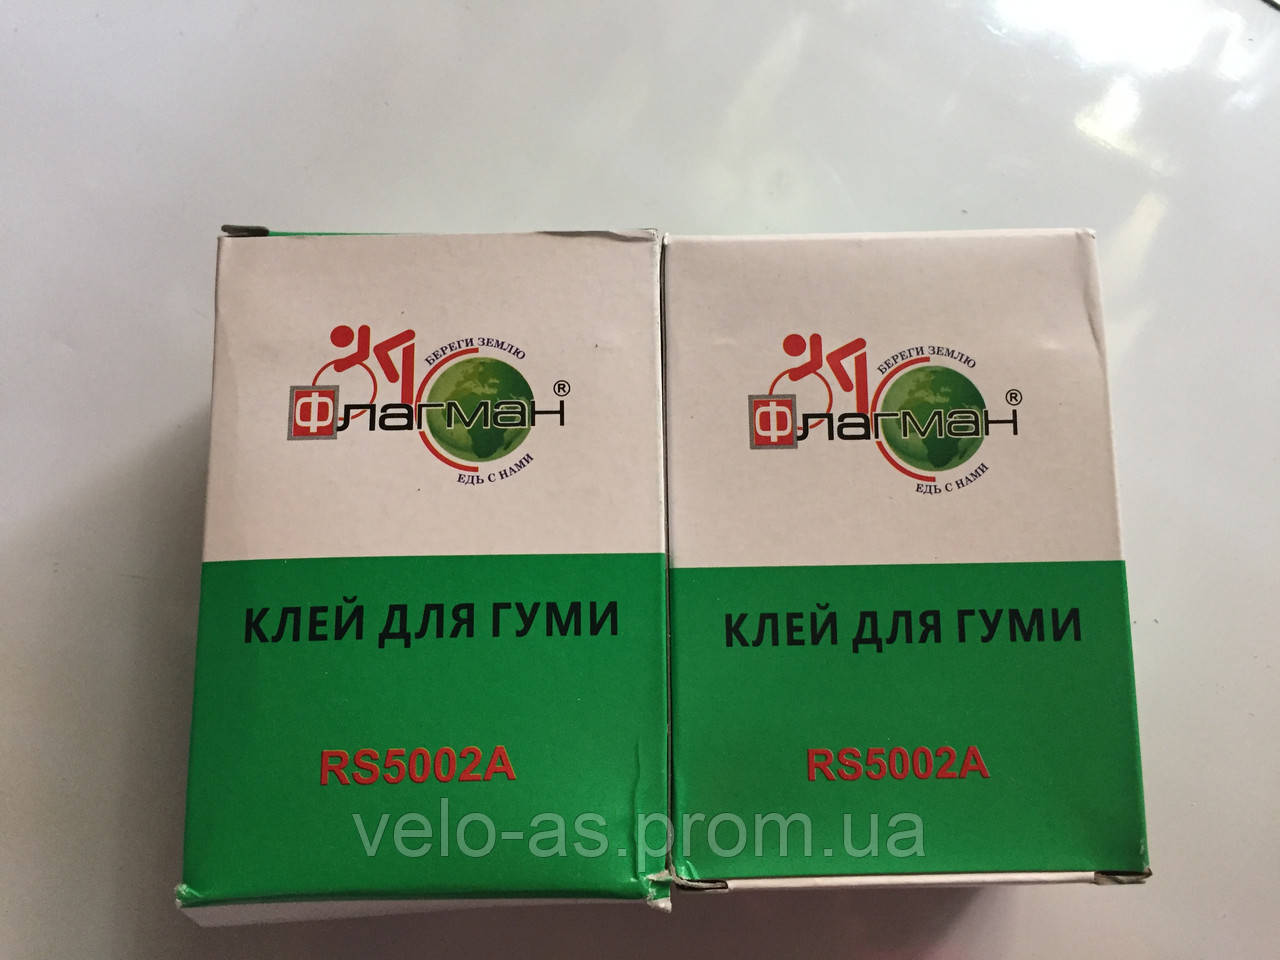 Клей для ризины Флагман ремкомплект RS5002A (12шт)